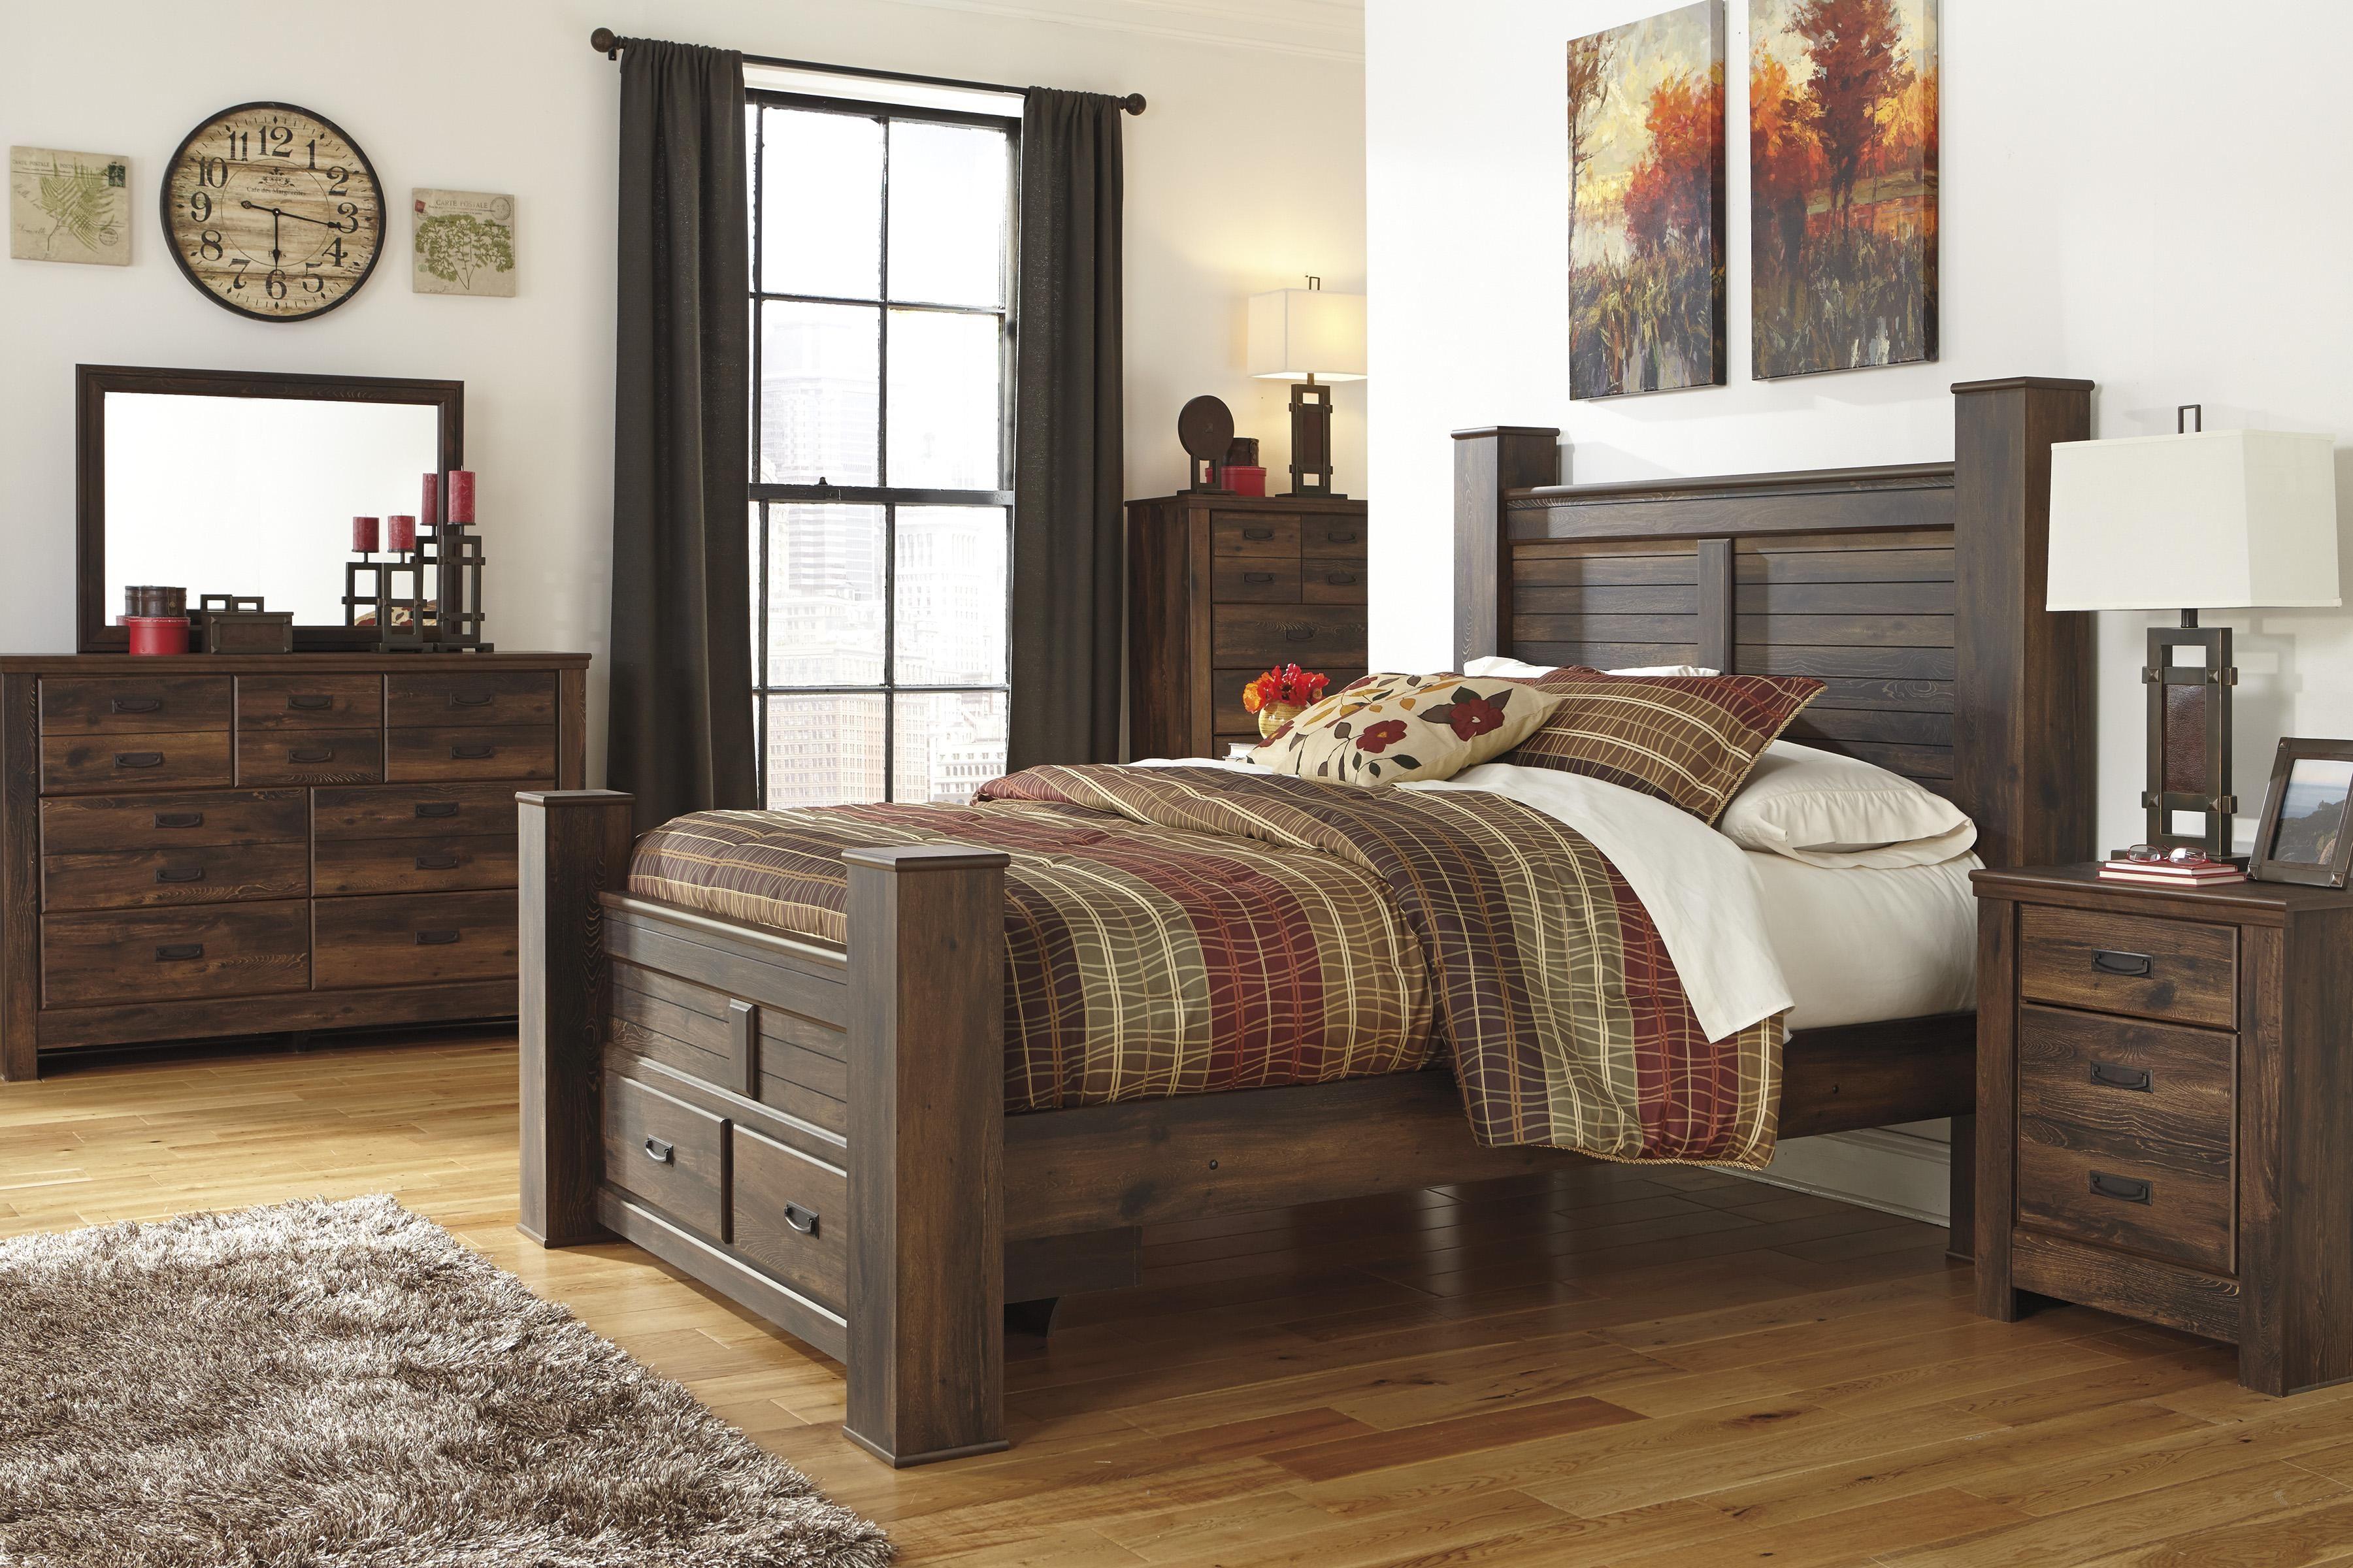 Signature Designashley Quinden Rustic Queen Poster Bed With Mesmerizing Signature Design Bedroom Furniture Decorating Design